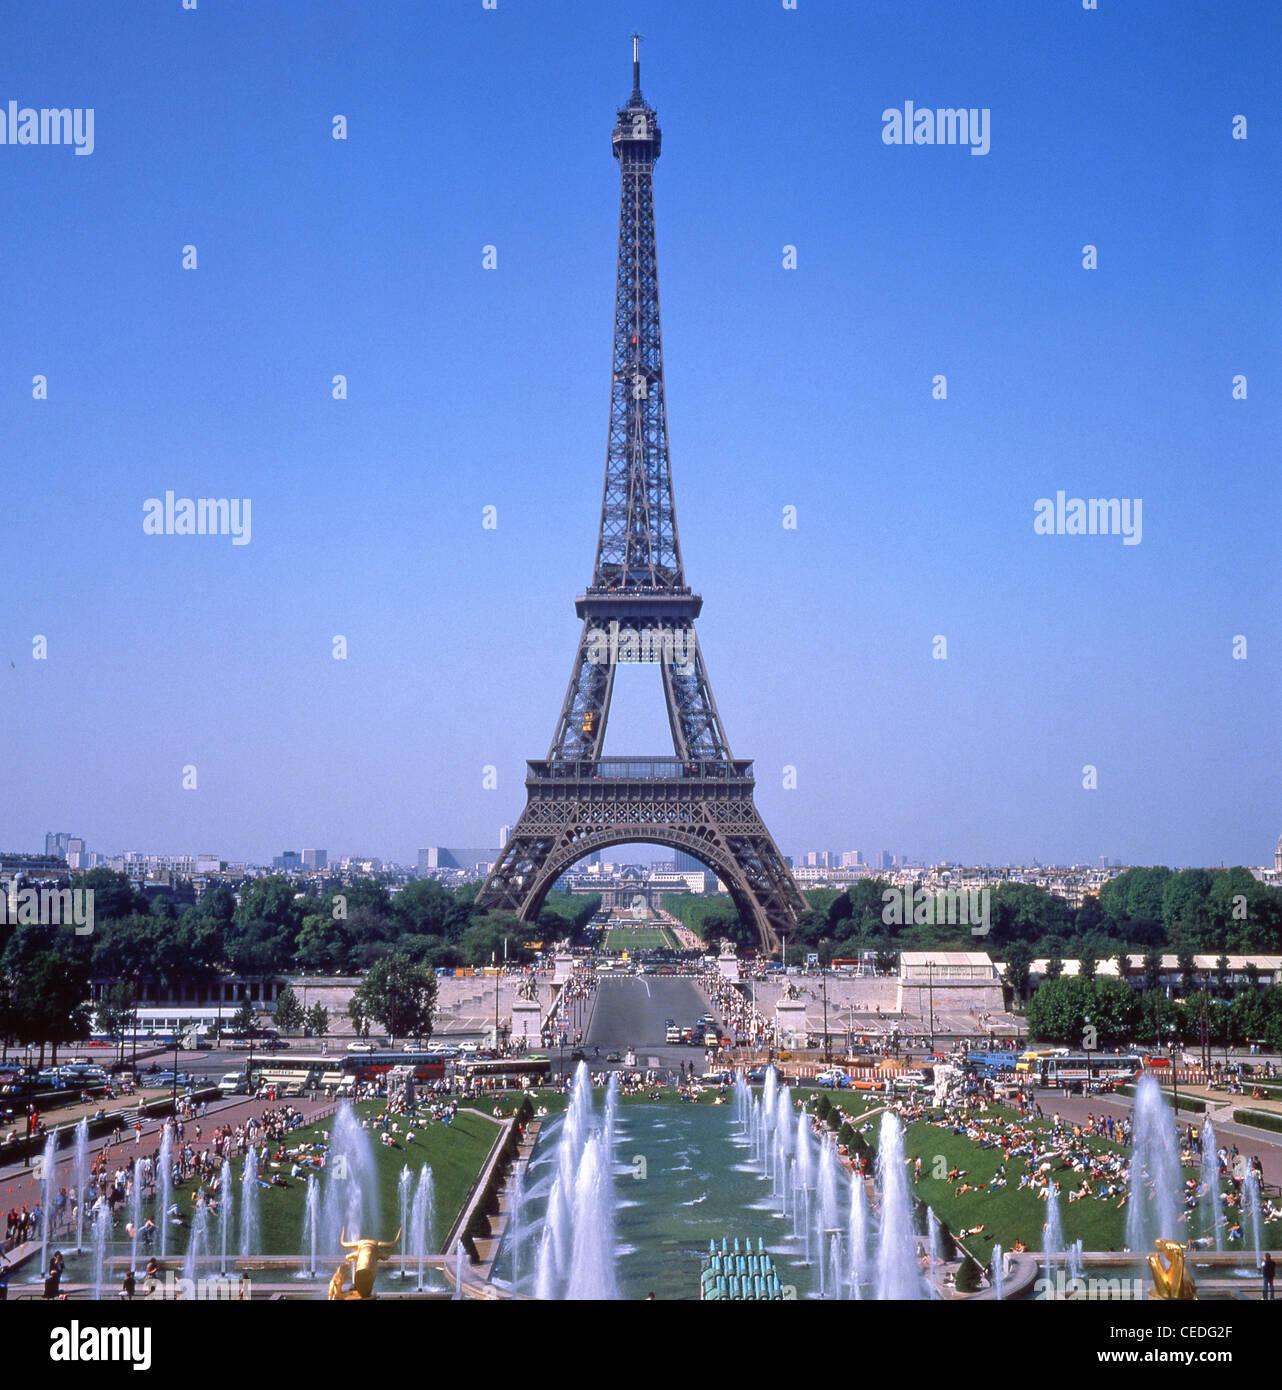 Eiffel Tower and Parc du Champ-de-Mars from The Trocadéro site of Palais de Chaillot, Paris, Île-de-France, - Stock Image